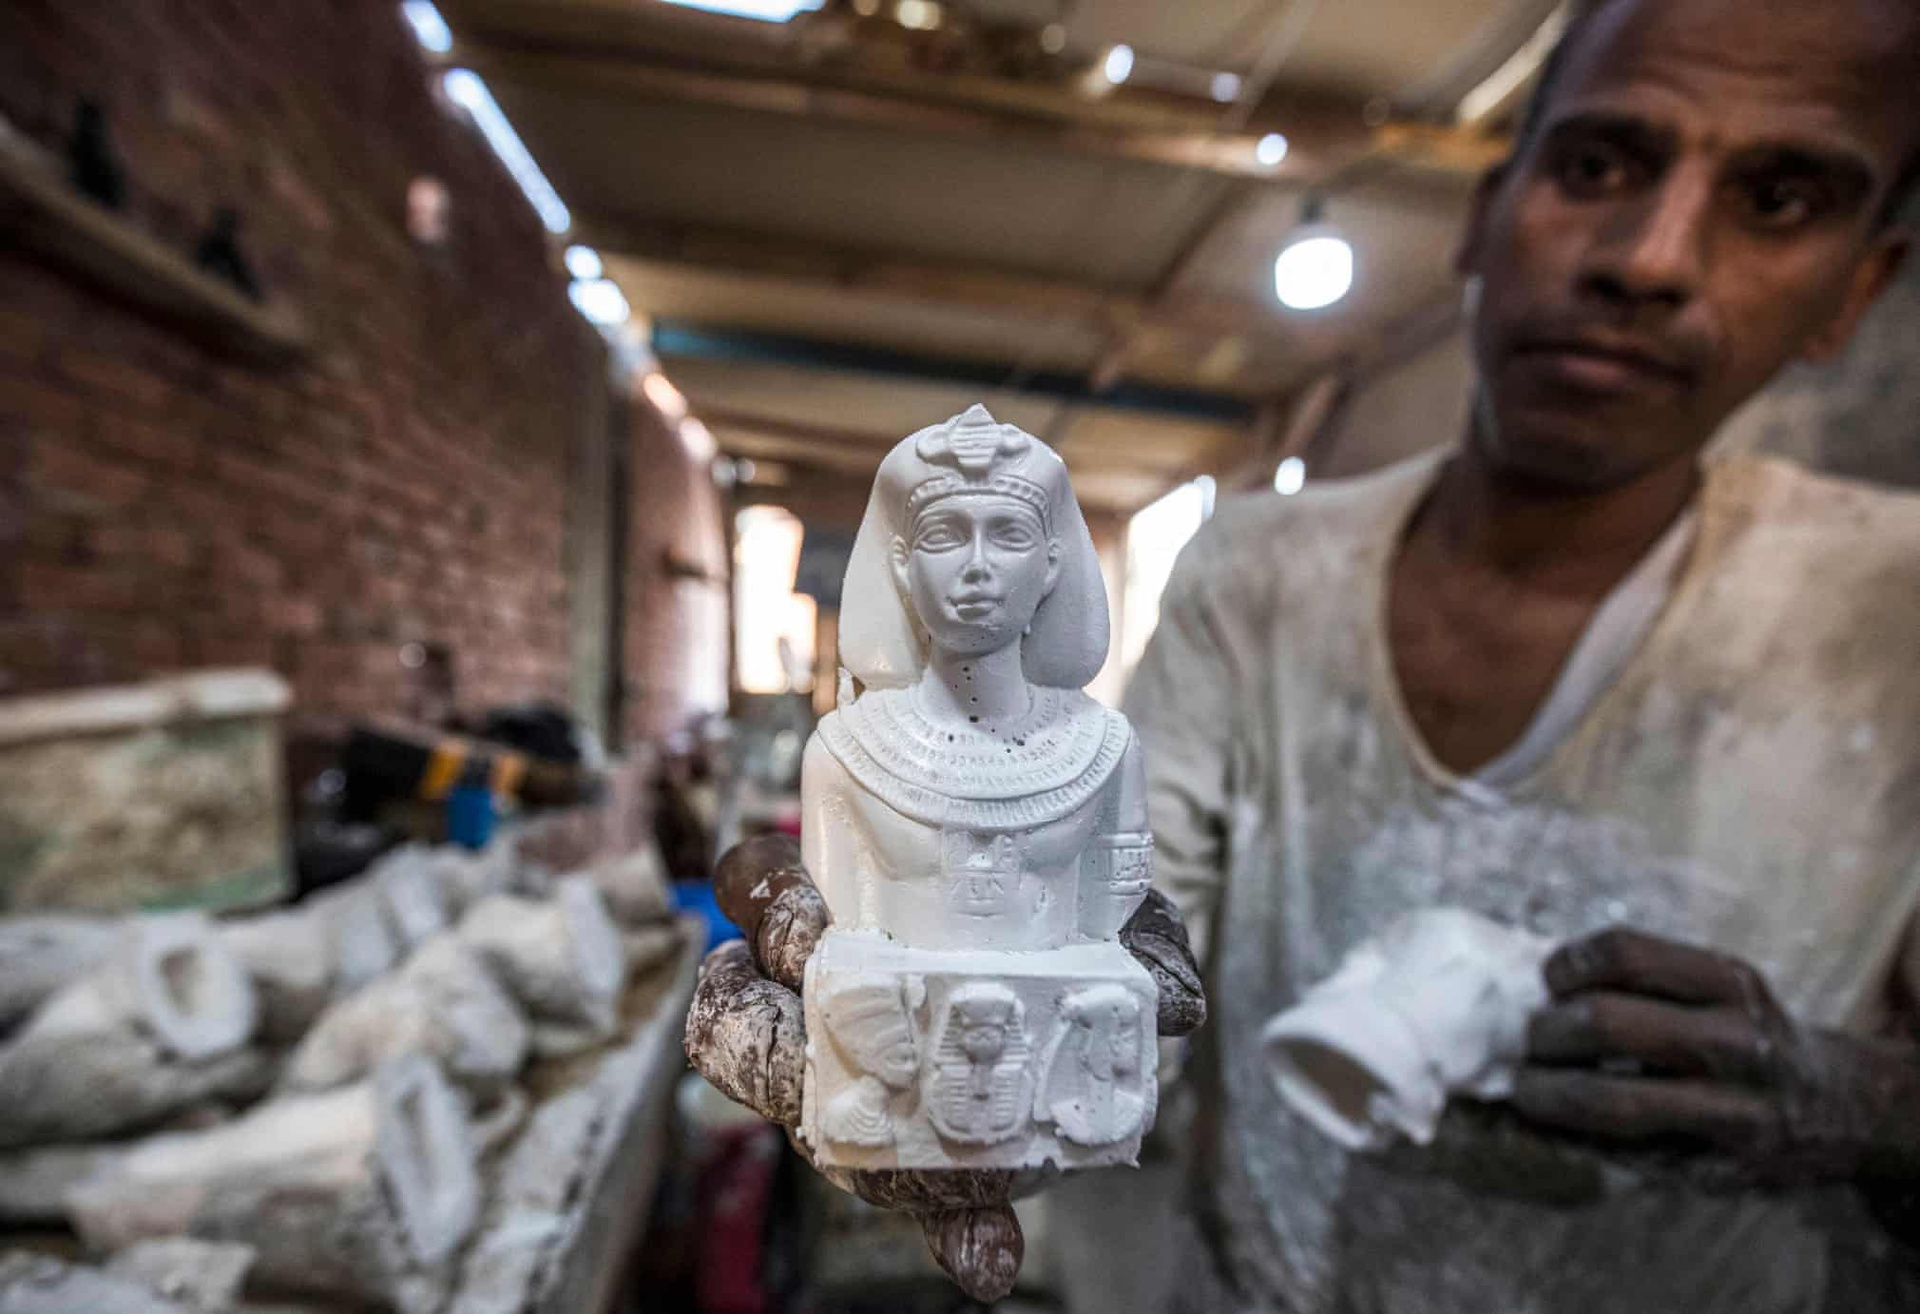 """Vào năm 2015, Bộ Công nghiệp Ai Cập cấm """"nhập khẩu hàng hóa và sản phẩm có tính chất nghệ thuật phổ biến"""", bao gồm cả các mô hình cổ vật nước này, như một biện pháp để bảo vệ ngành thủ công nội địa trước sự cạnh tranh về giá của các sản phẩm nước ngoài."""